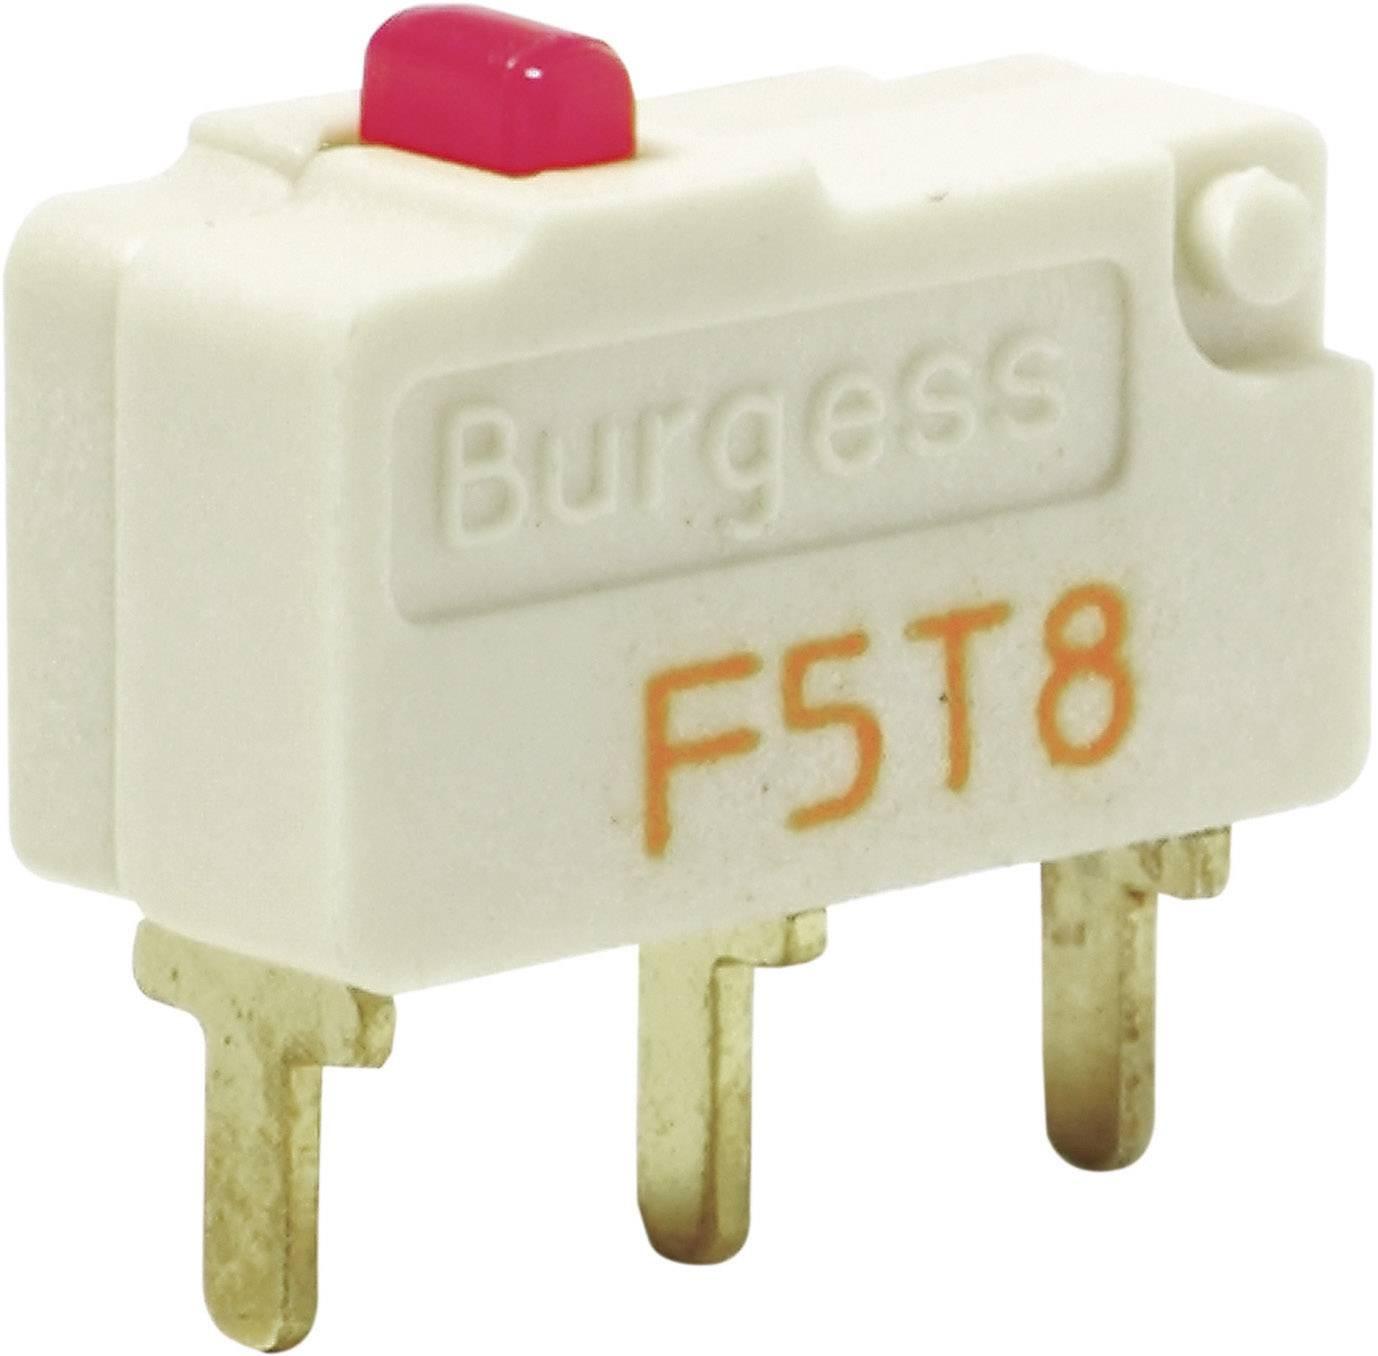 Mikrospínač Burgess F5T8Y1UL, 250 V/AC, 5 A, IP40